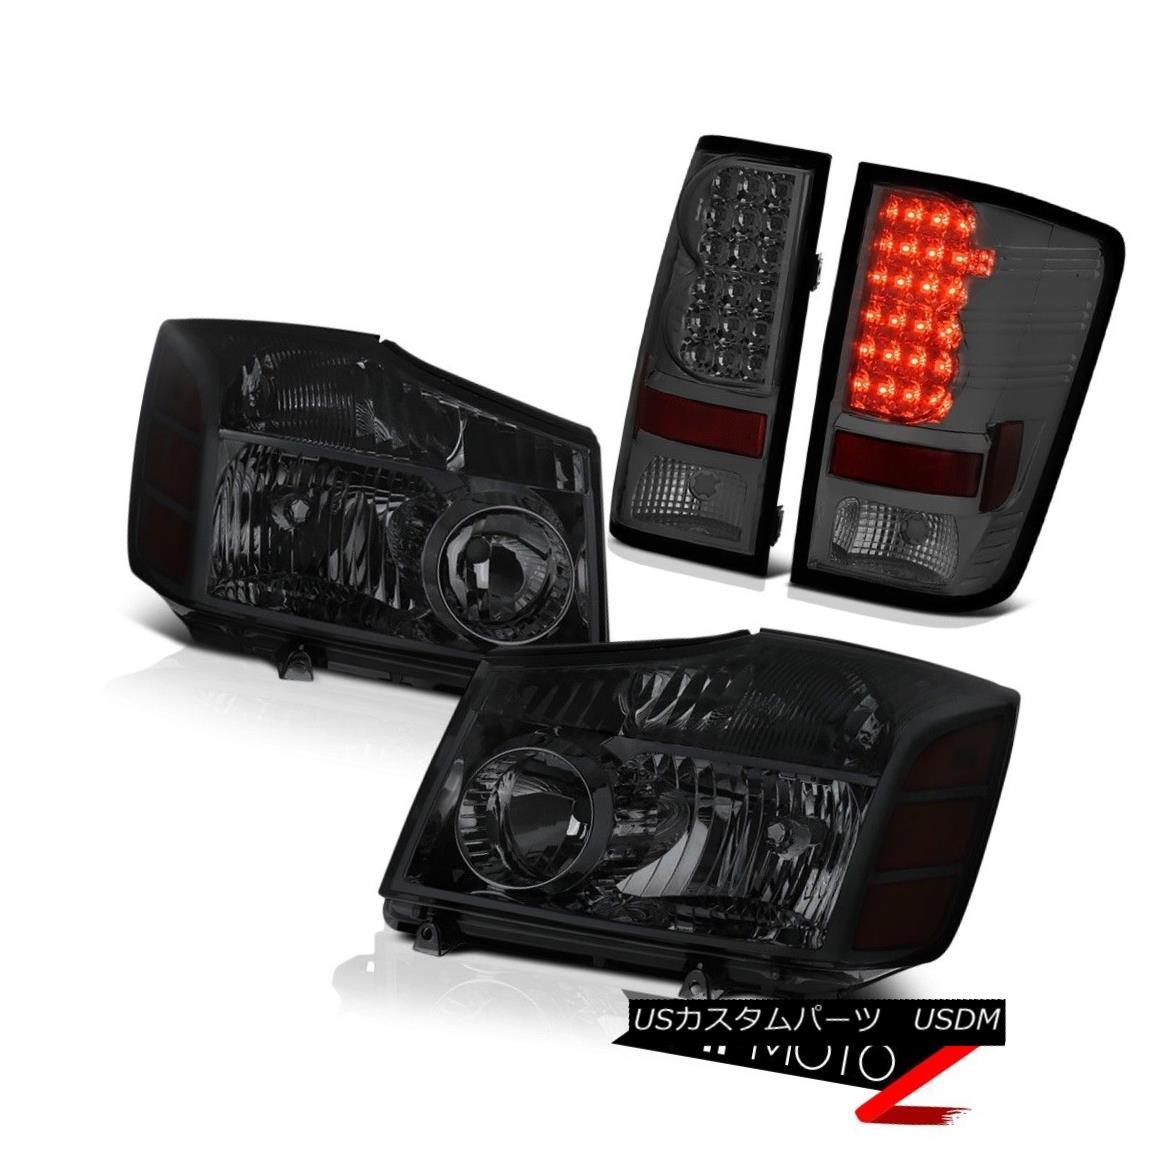 ヘッドライト For 2004-2015 Titan Dark Tinted Headlight Headlamp Smoke LED SMD Tail Light Set タイタンダークティンテッドヘッドライトヘッドライトスモークLED SMDテールライトセット